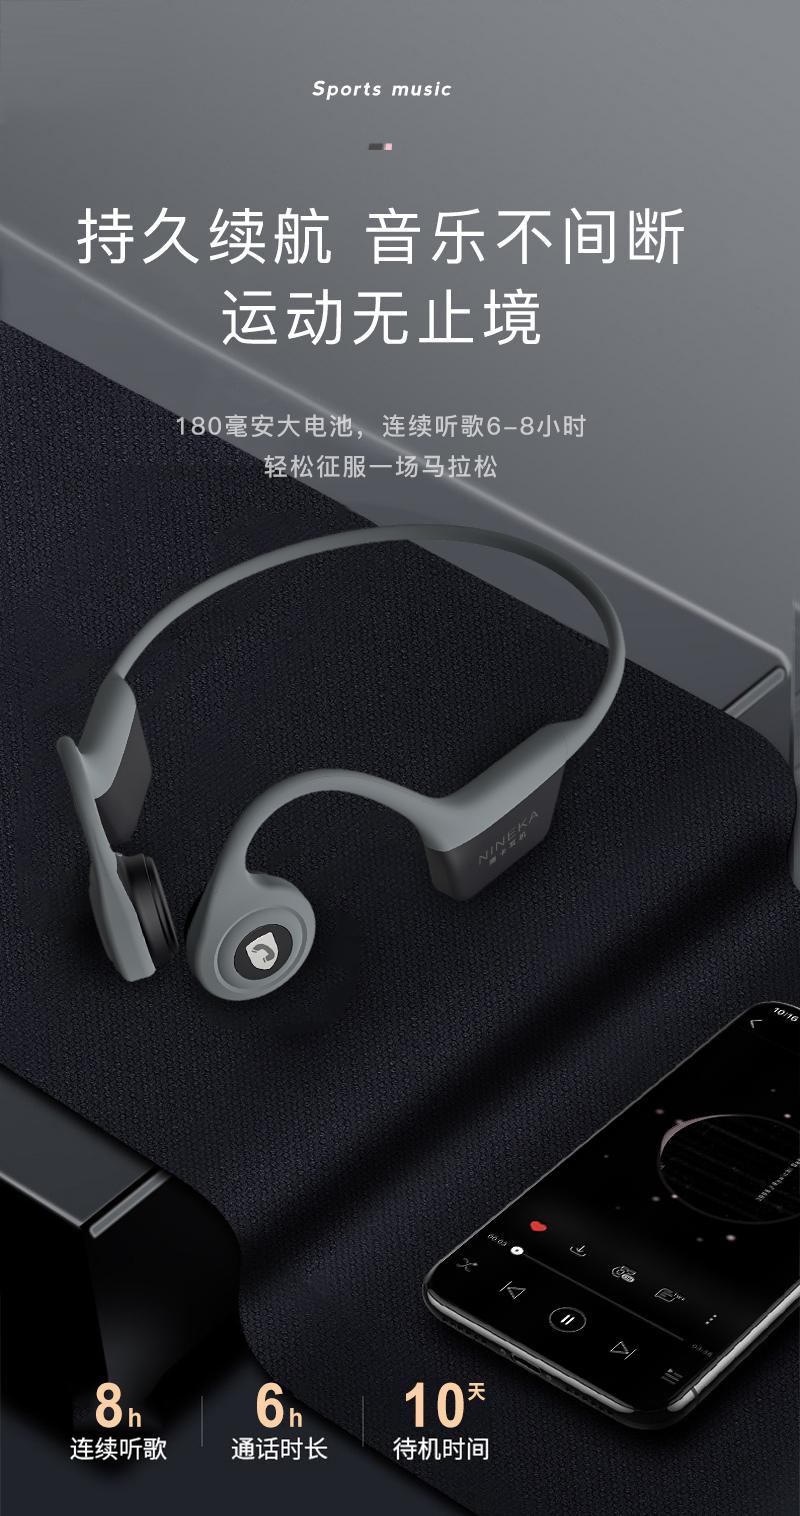 骨传导耳机切图800宽_07.jpg